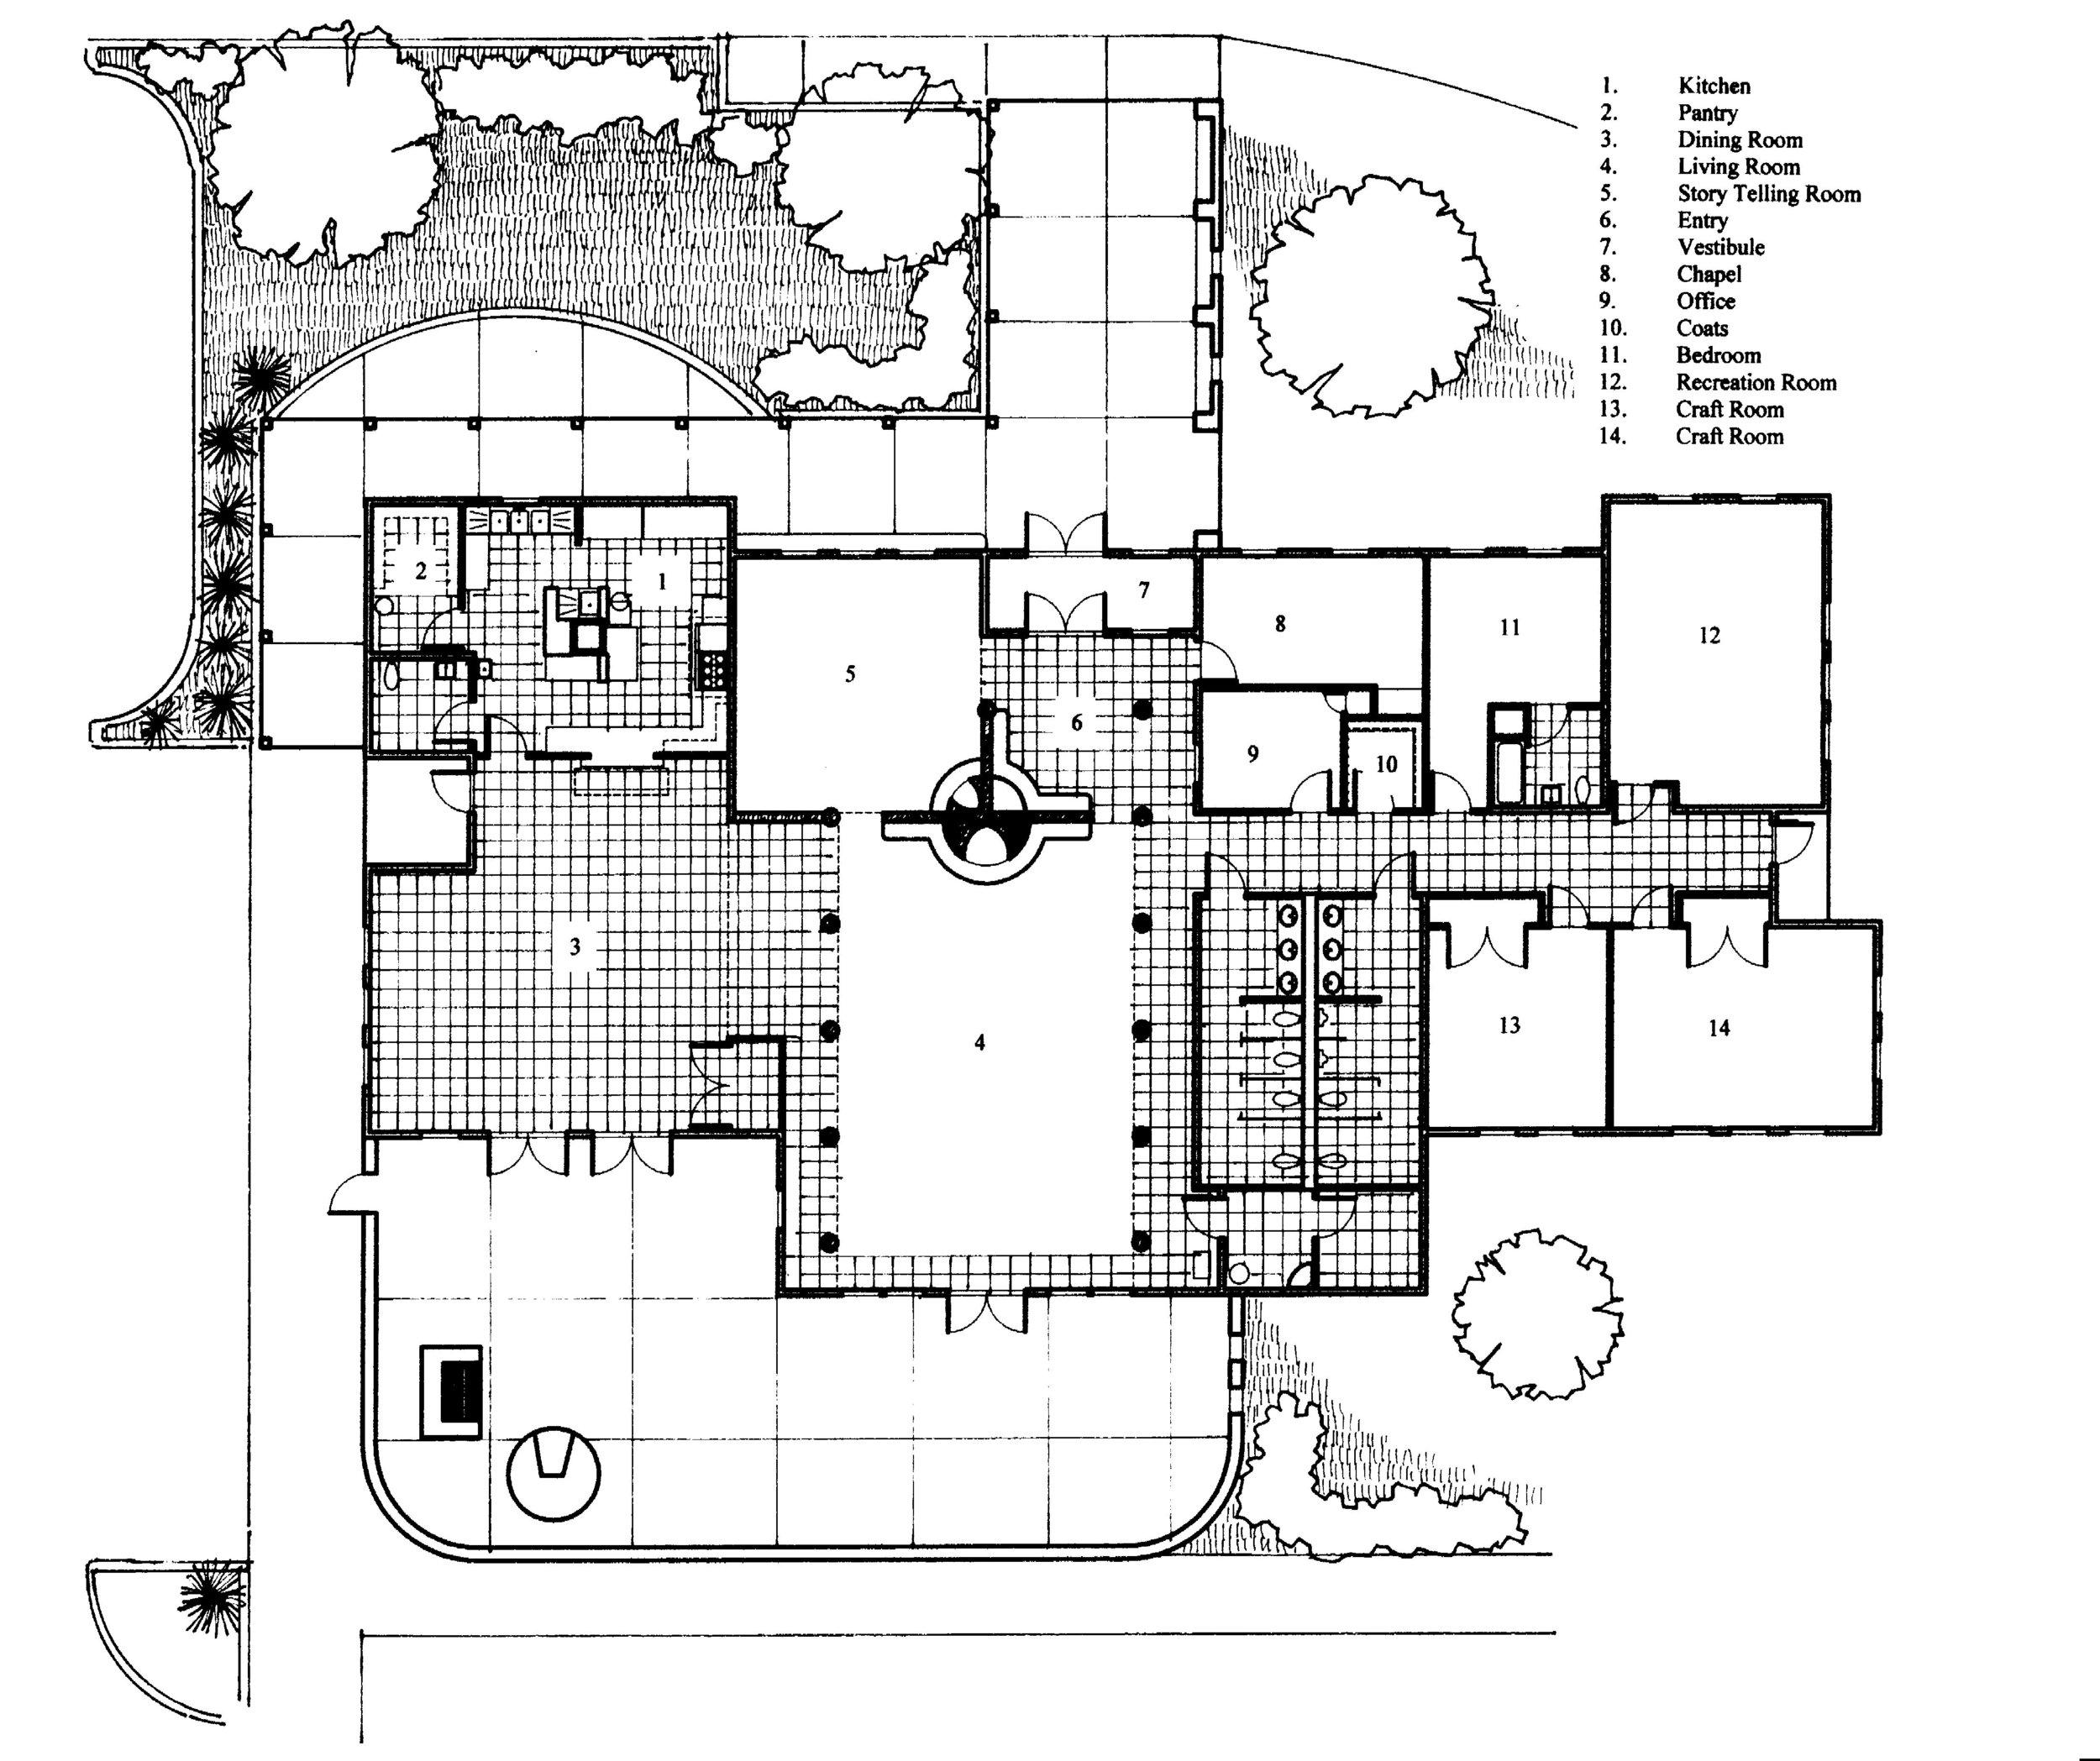 senior center plan colored.jpg